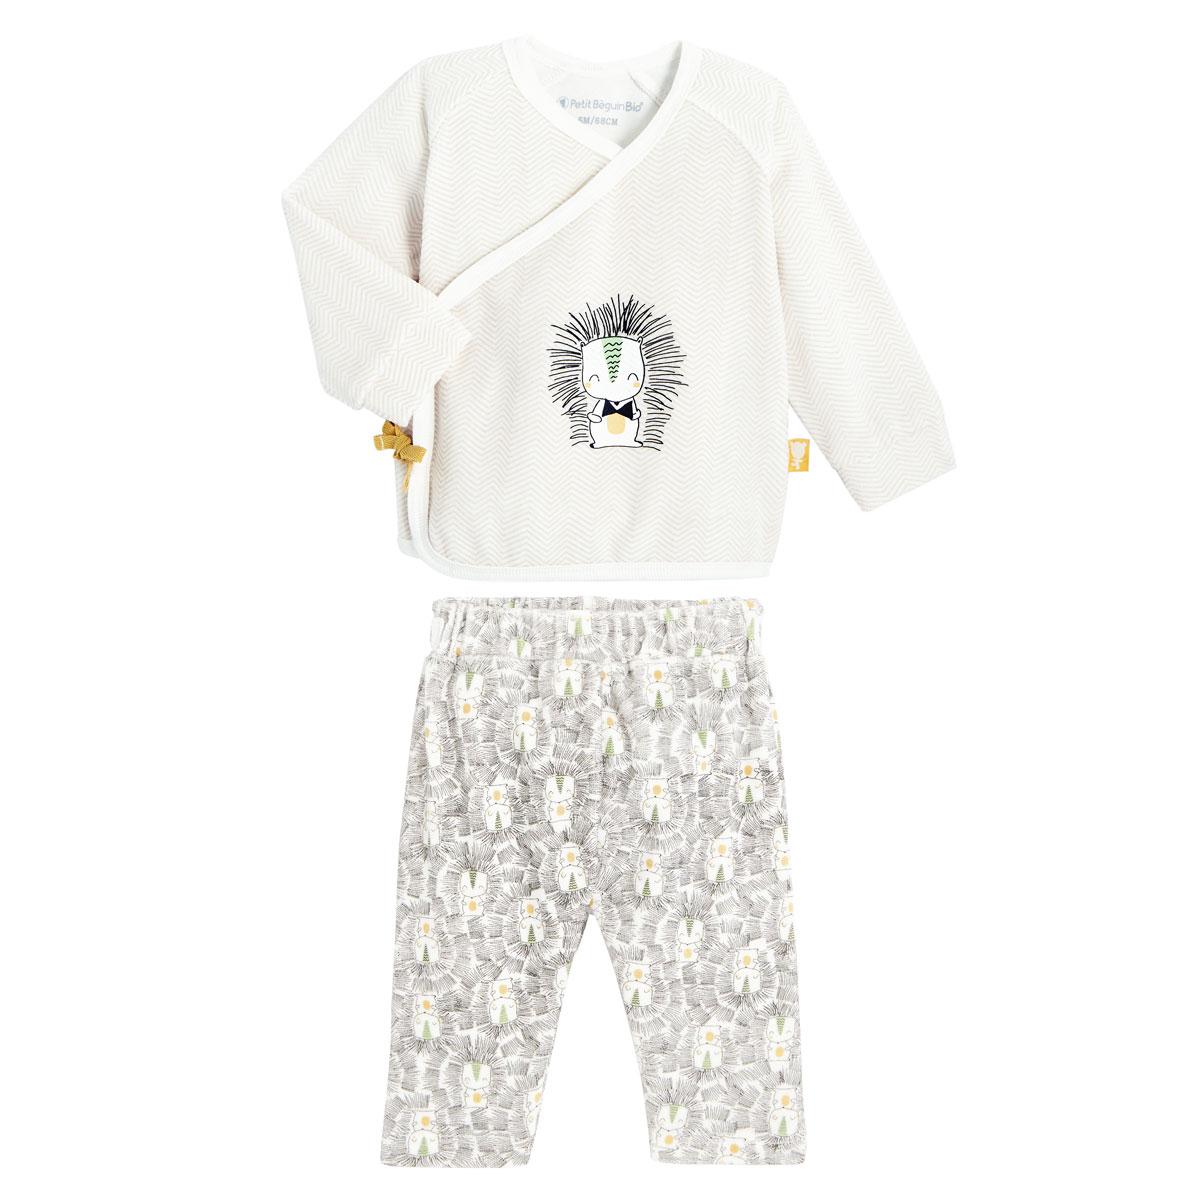 Ensemble gilet croisé et pantalon bébé mixte contenant du coton bio Shuiro